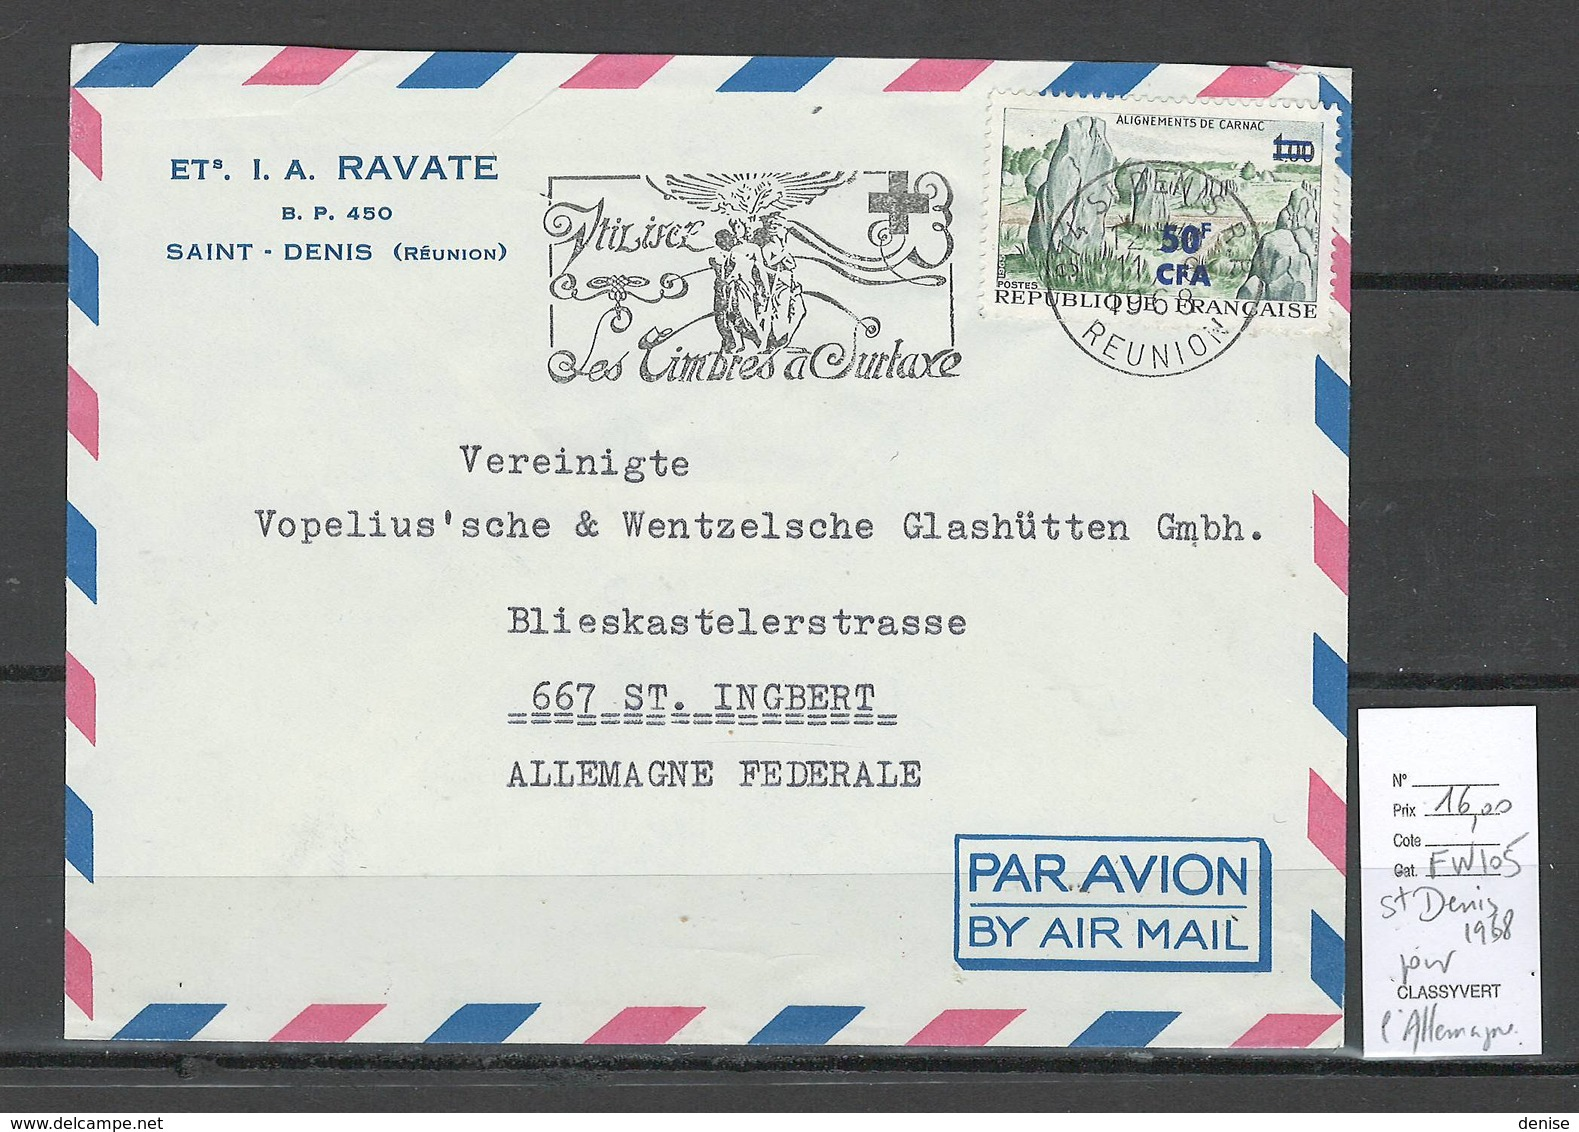 Reunion - Lettre Saint Denis Pour St Ingbert - Allemagne - 1968 - Reunion Island (1852-1975)